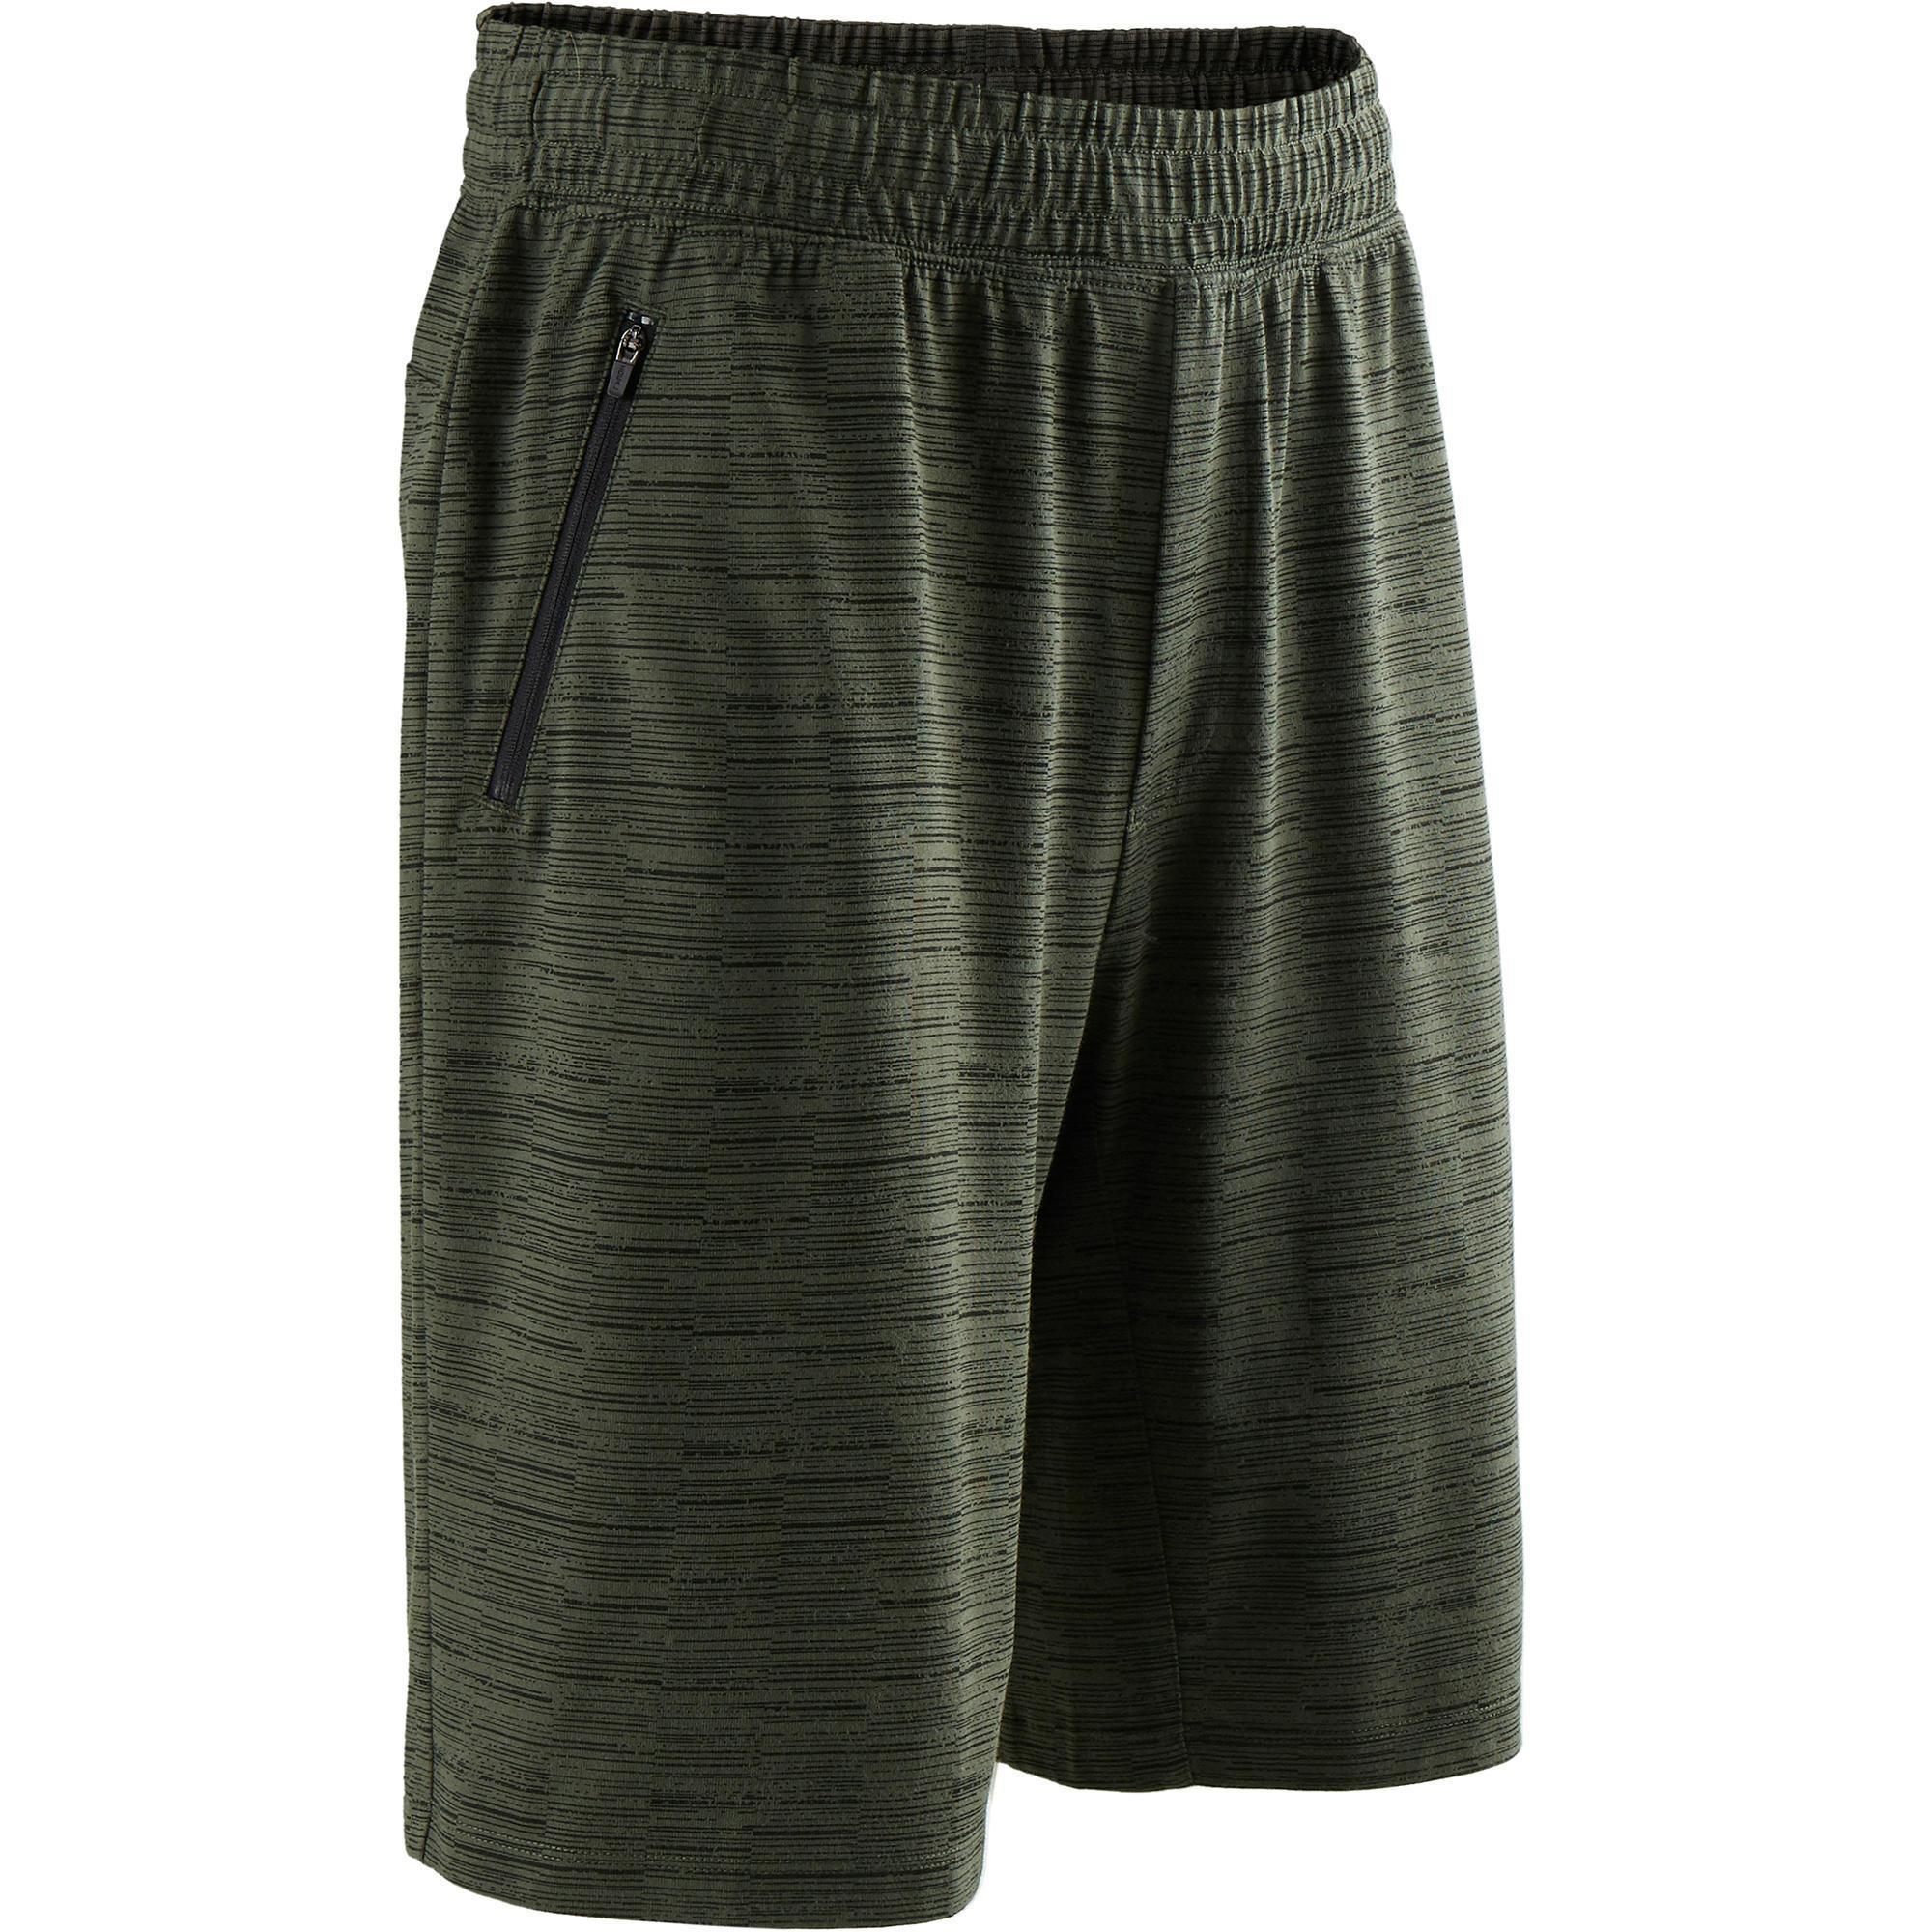 Domyos Short 520 regular fit tot boven de knie pilates en lichte gym heren kaki AOP